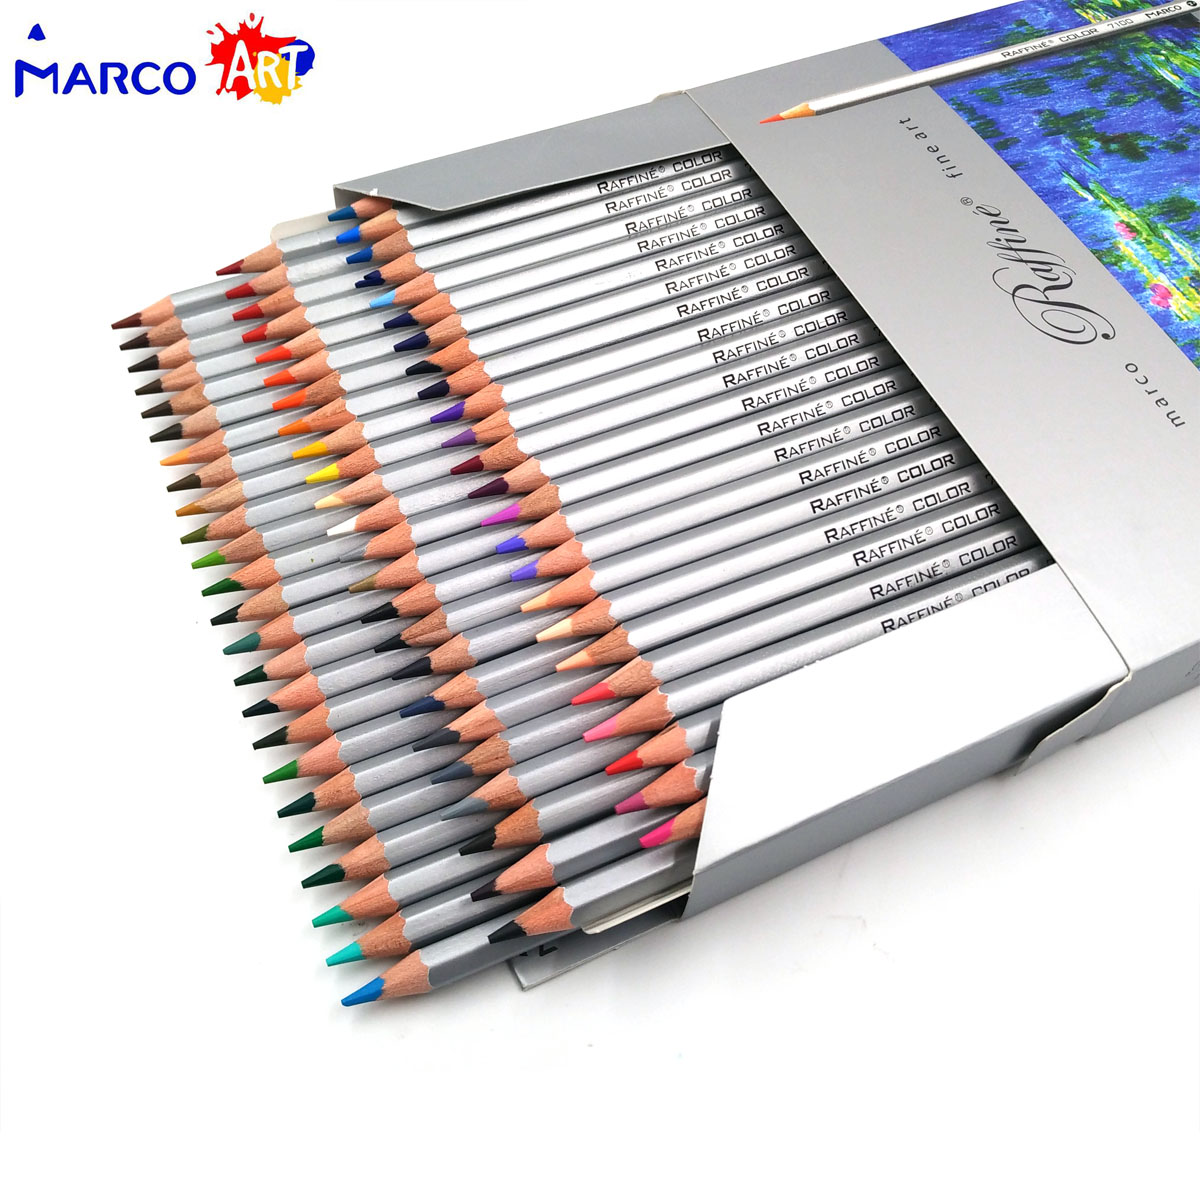 Marco Raffine Colored Pencils 72 Colors Drawing Sketches lapis de cor profissional Secret Garden Coloring Pencil School Supplies